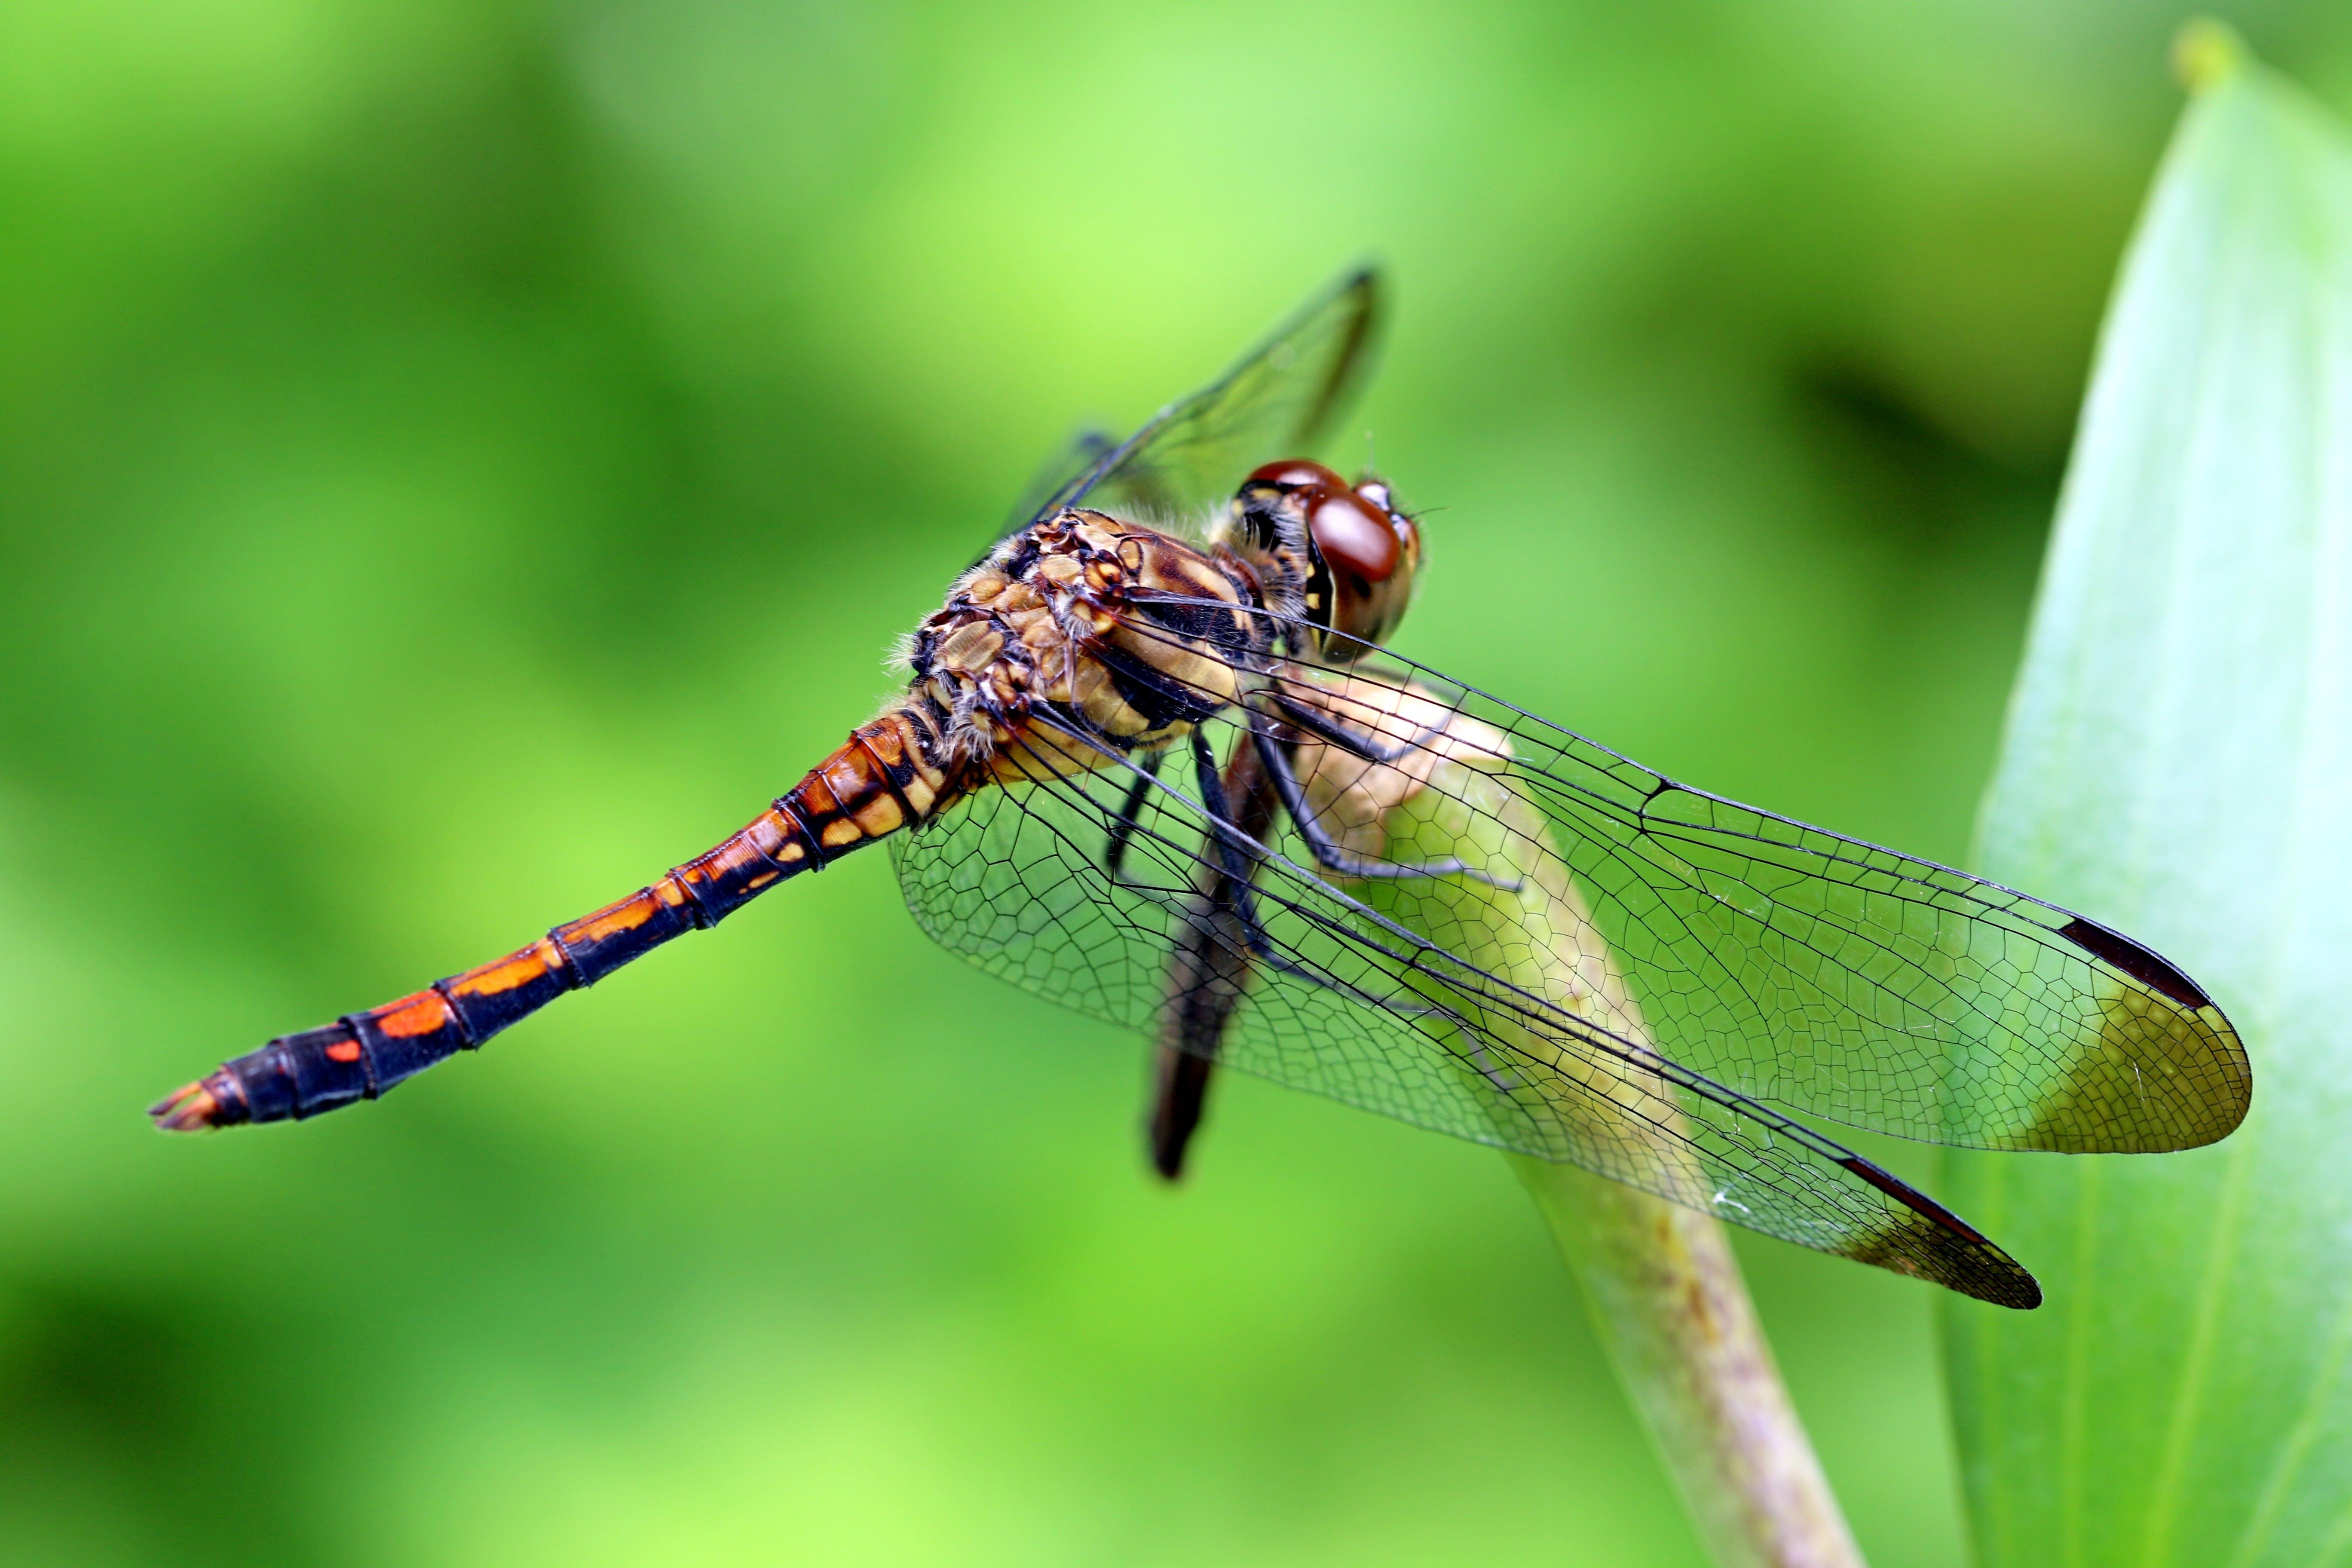 Kostnadsfri bild av fokus, insekt, makro, miljö